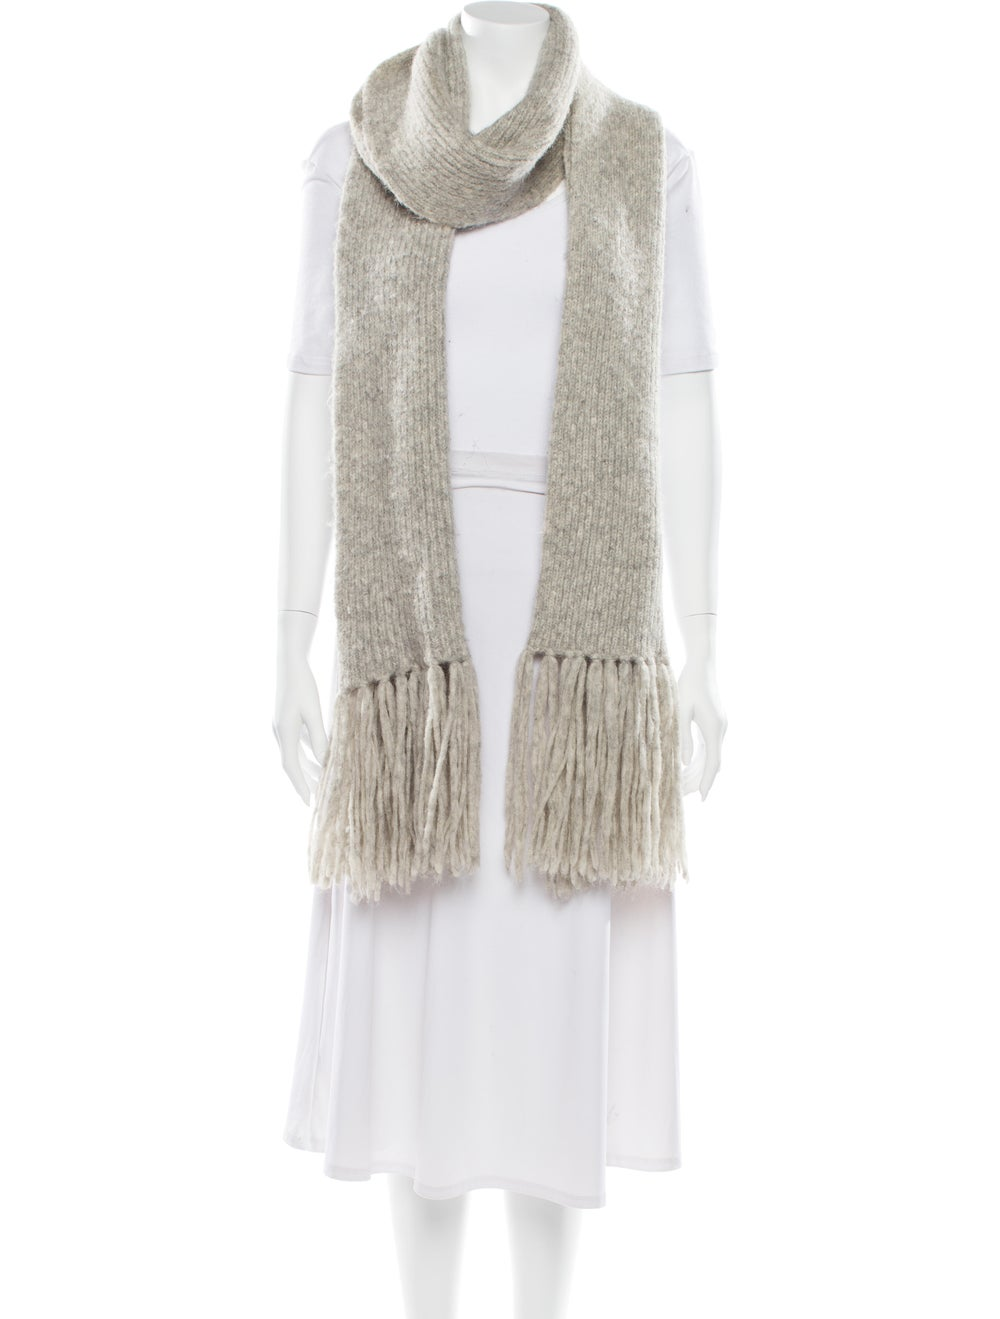 Acne Studios Knit Fringe Skirt Grey - image 3